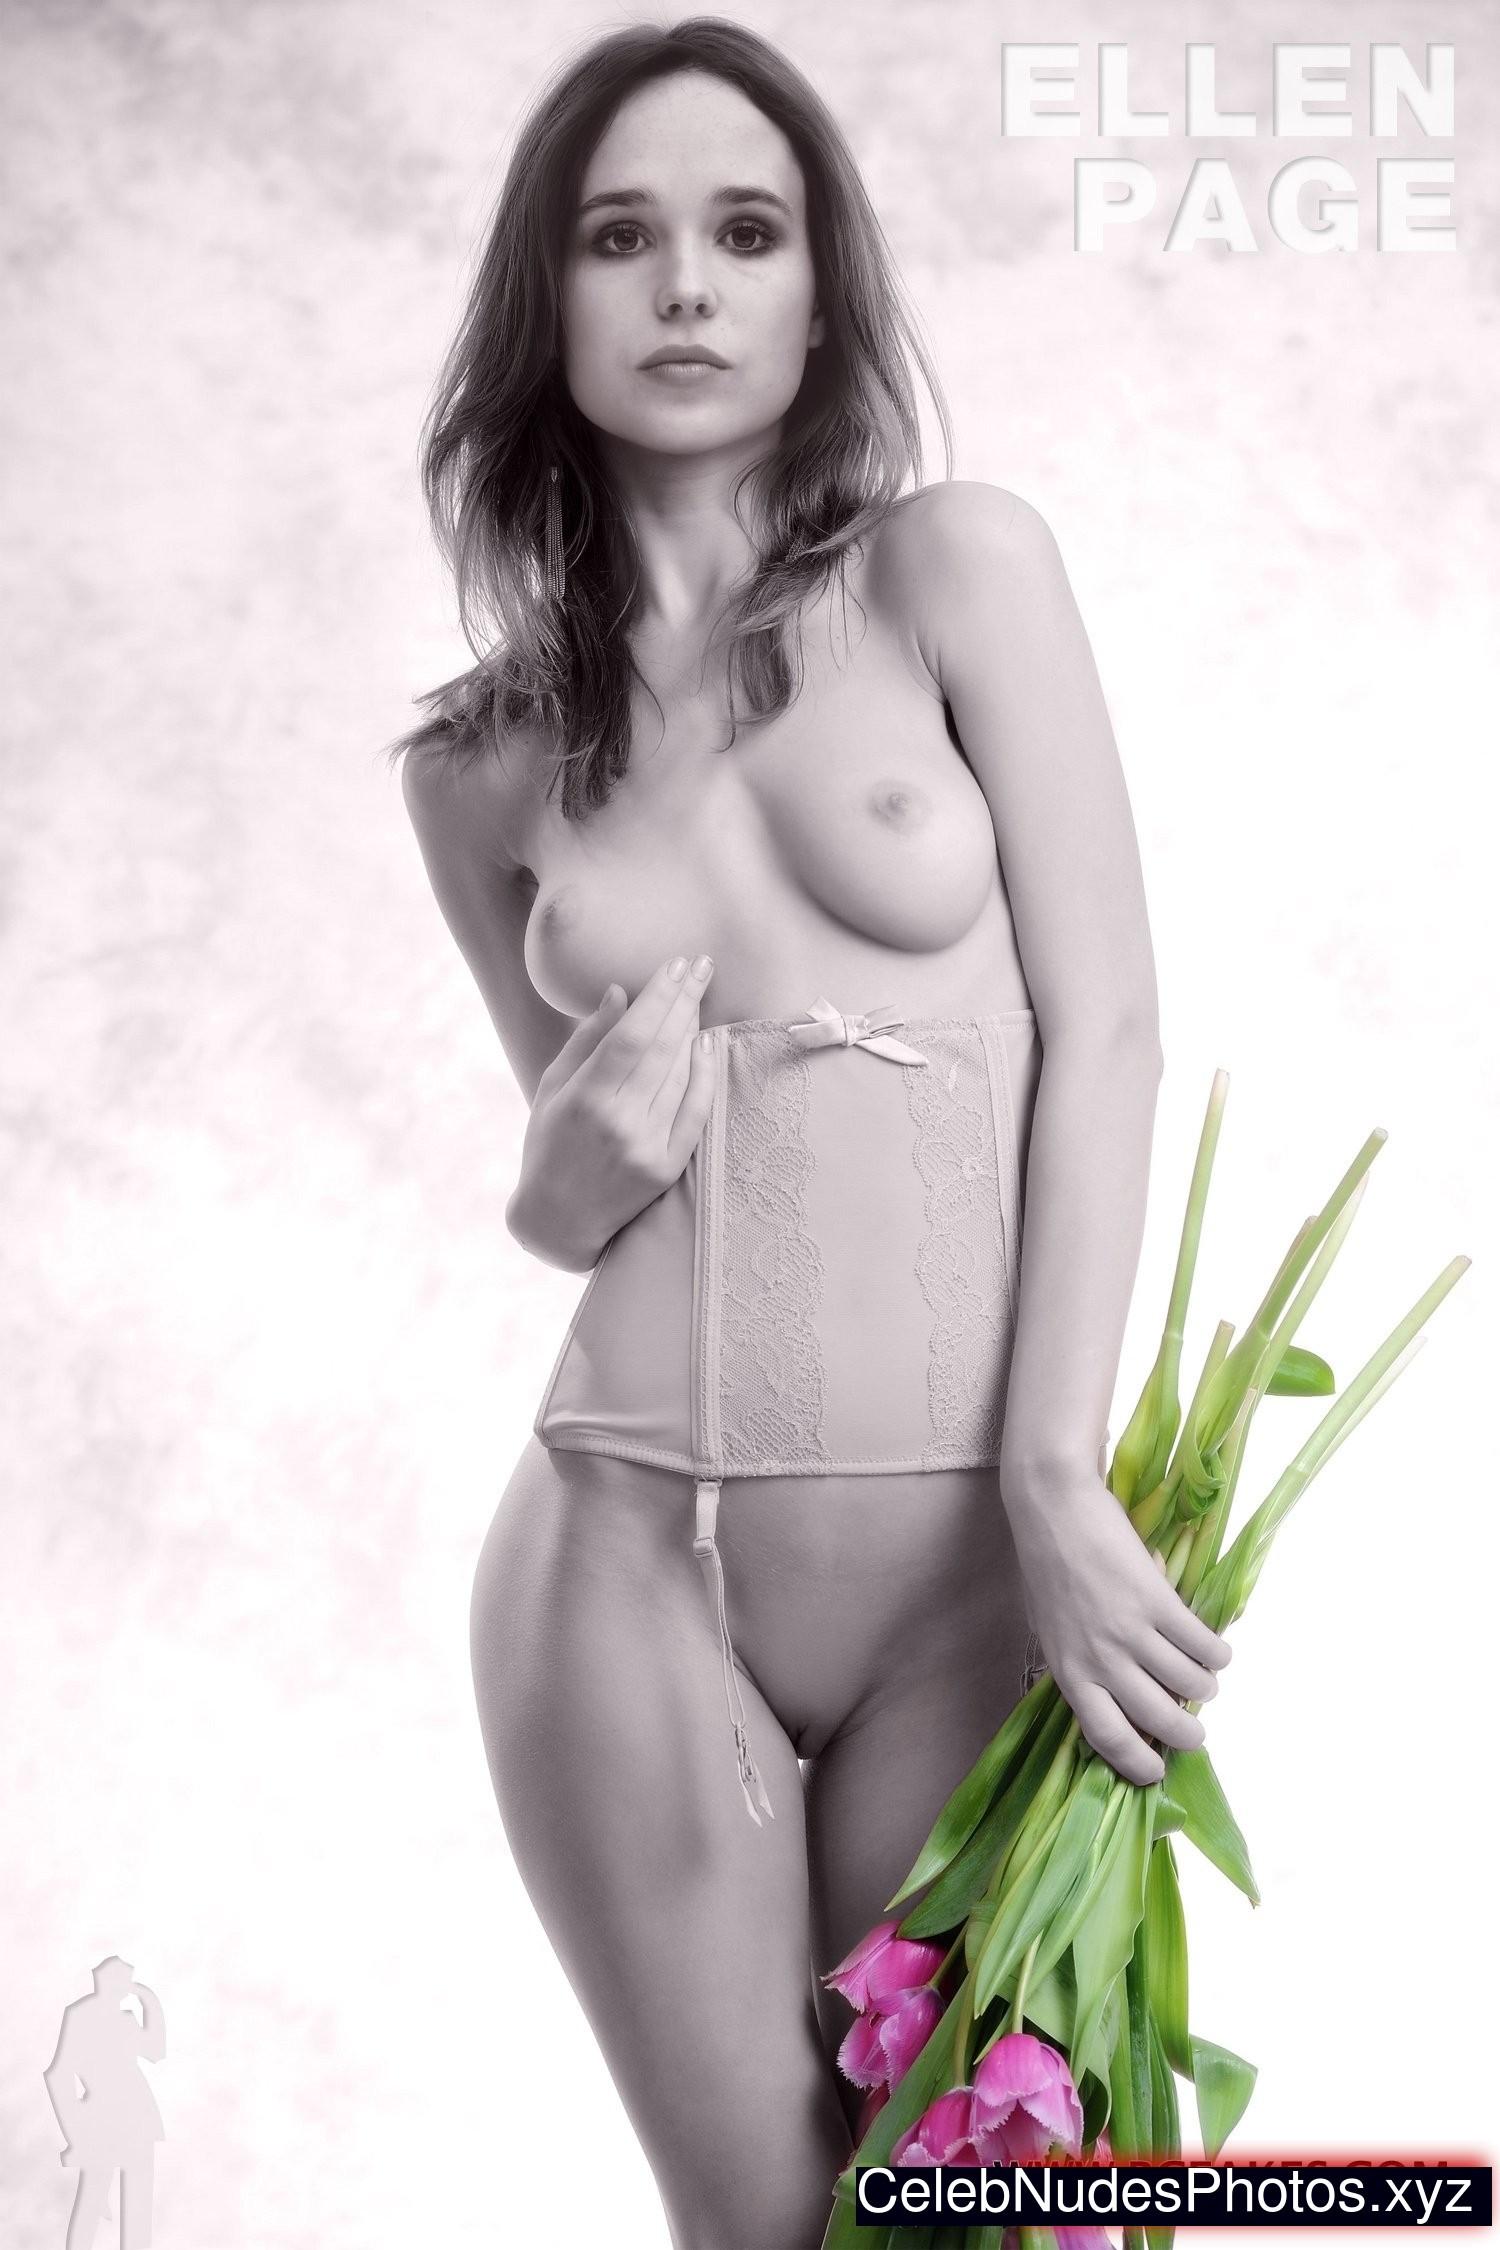 Ellen Page celebrities nude